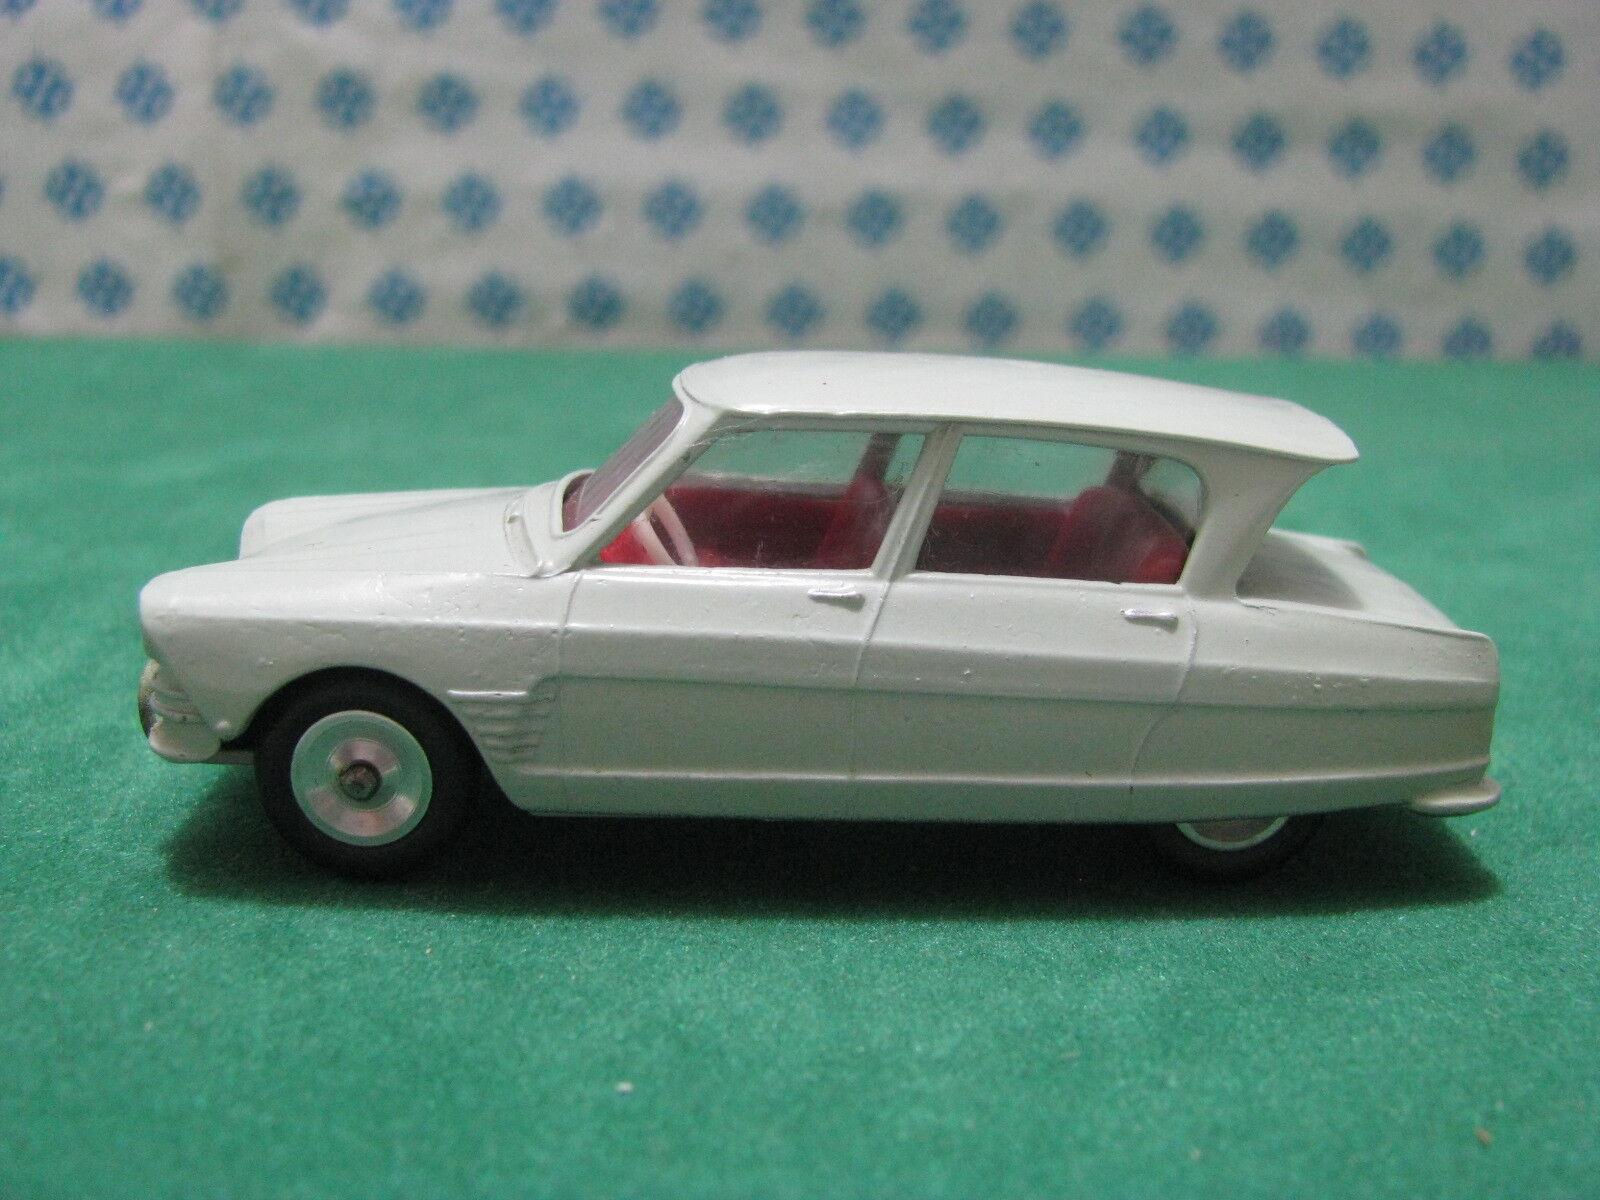 Vintage   CITROEN AMI 6  1/43    Solido 114  serie 100 | Paris  | Un Design Moderne  | L'apparence élégante  254889